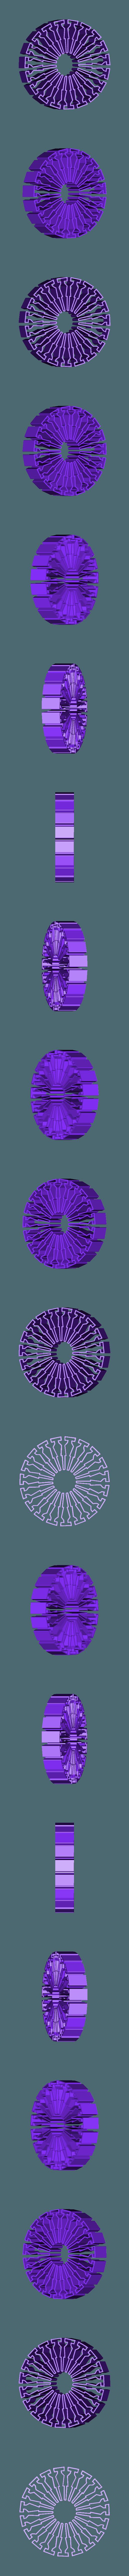 support_leg_cut.stl Télécharger fichier STL gratuit Support / Espacement / Décor • Design pour impression 3D, cristcost